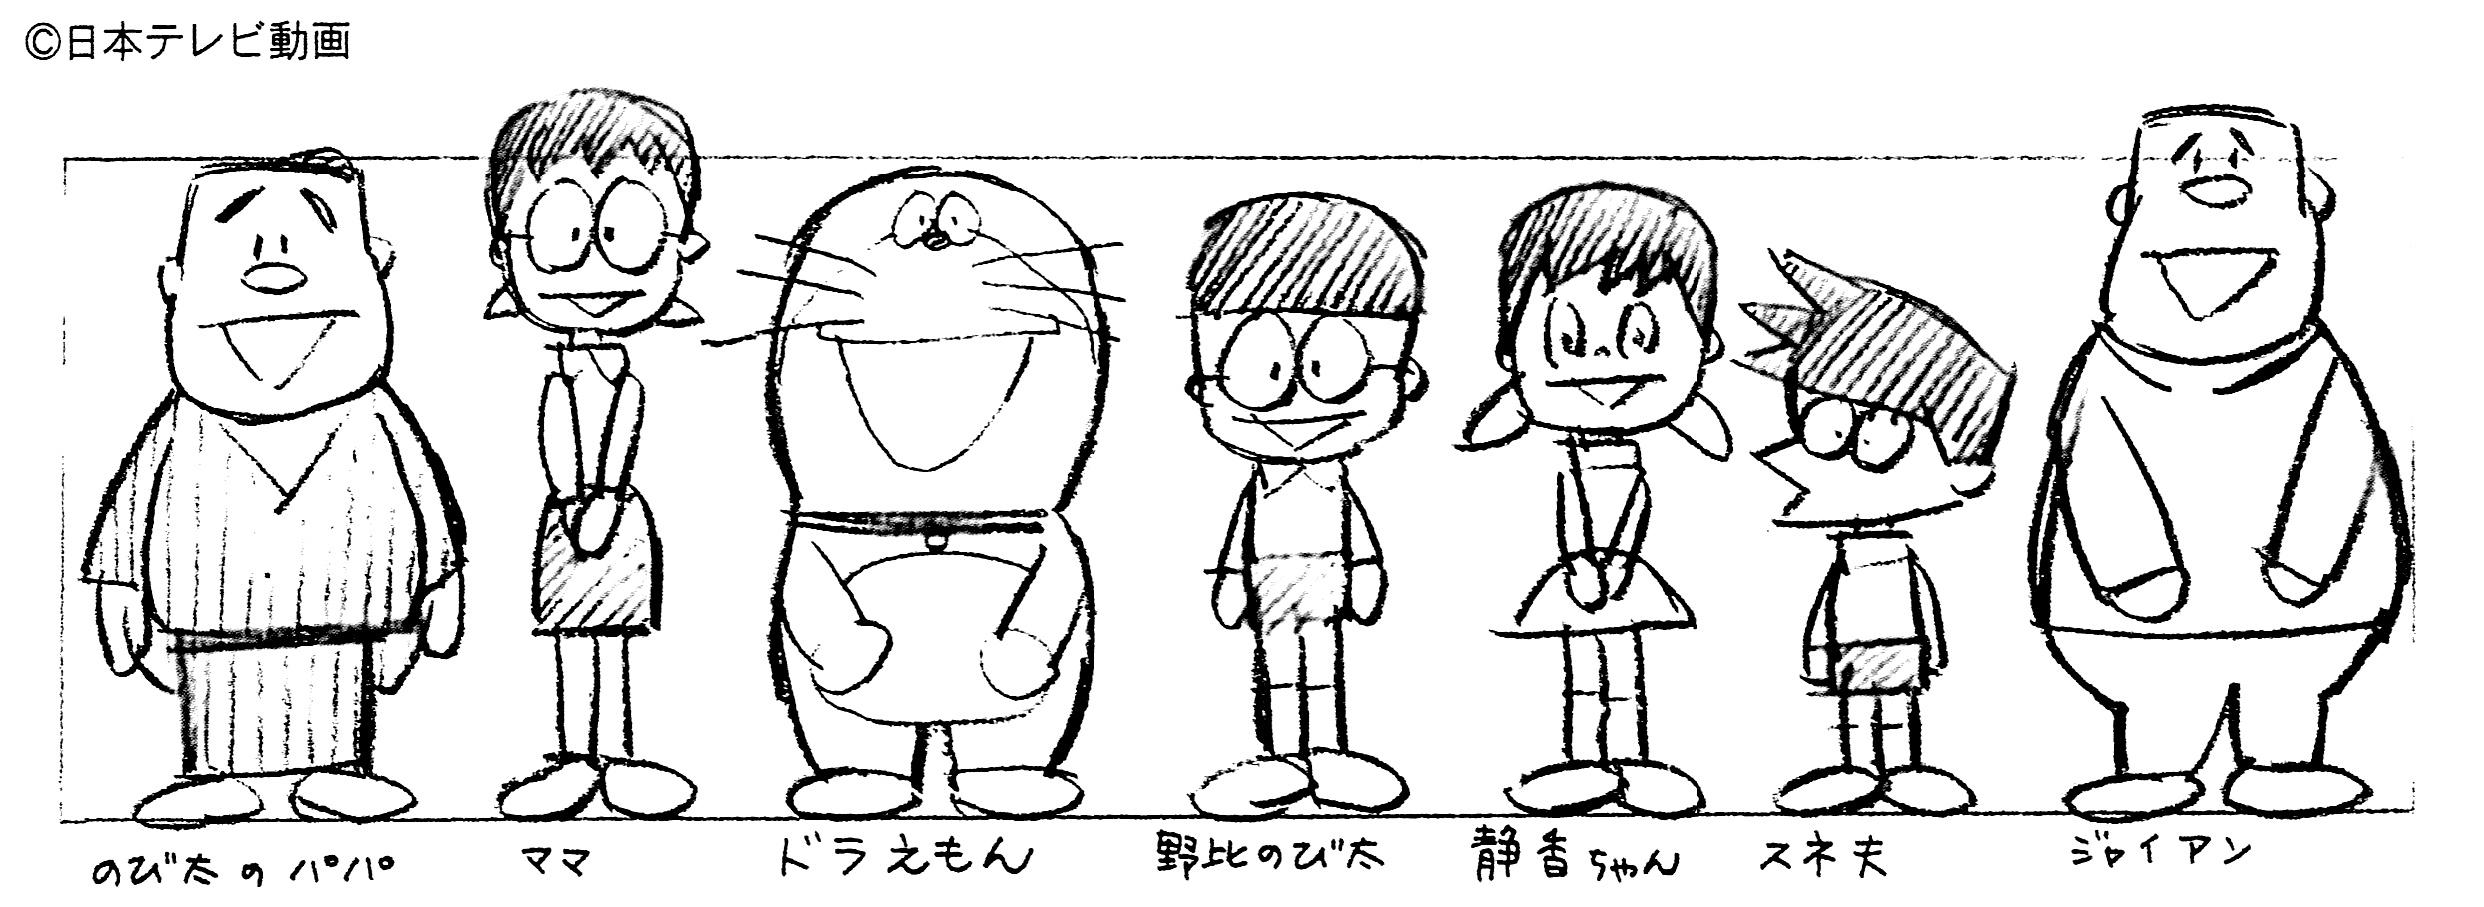 f:id:kougasetumei:20190831194025j:image